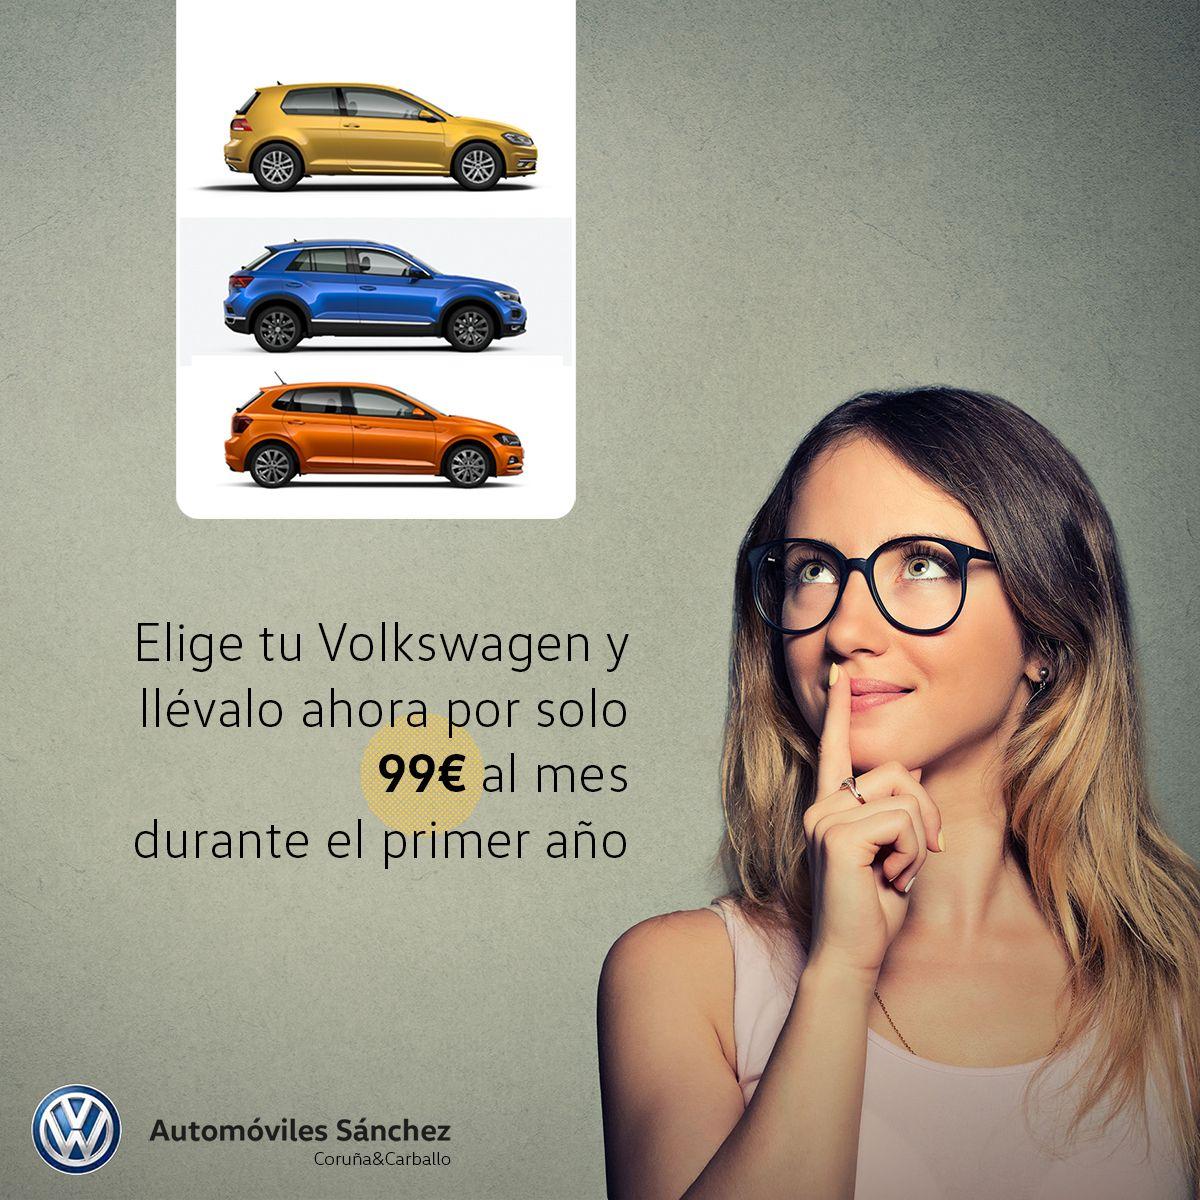 Elige tu Volkswagen en Automóviles Sánchez y llévatelo por 99€ al mes durante el primer año*